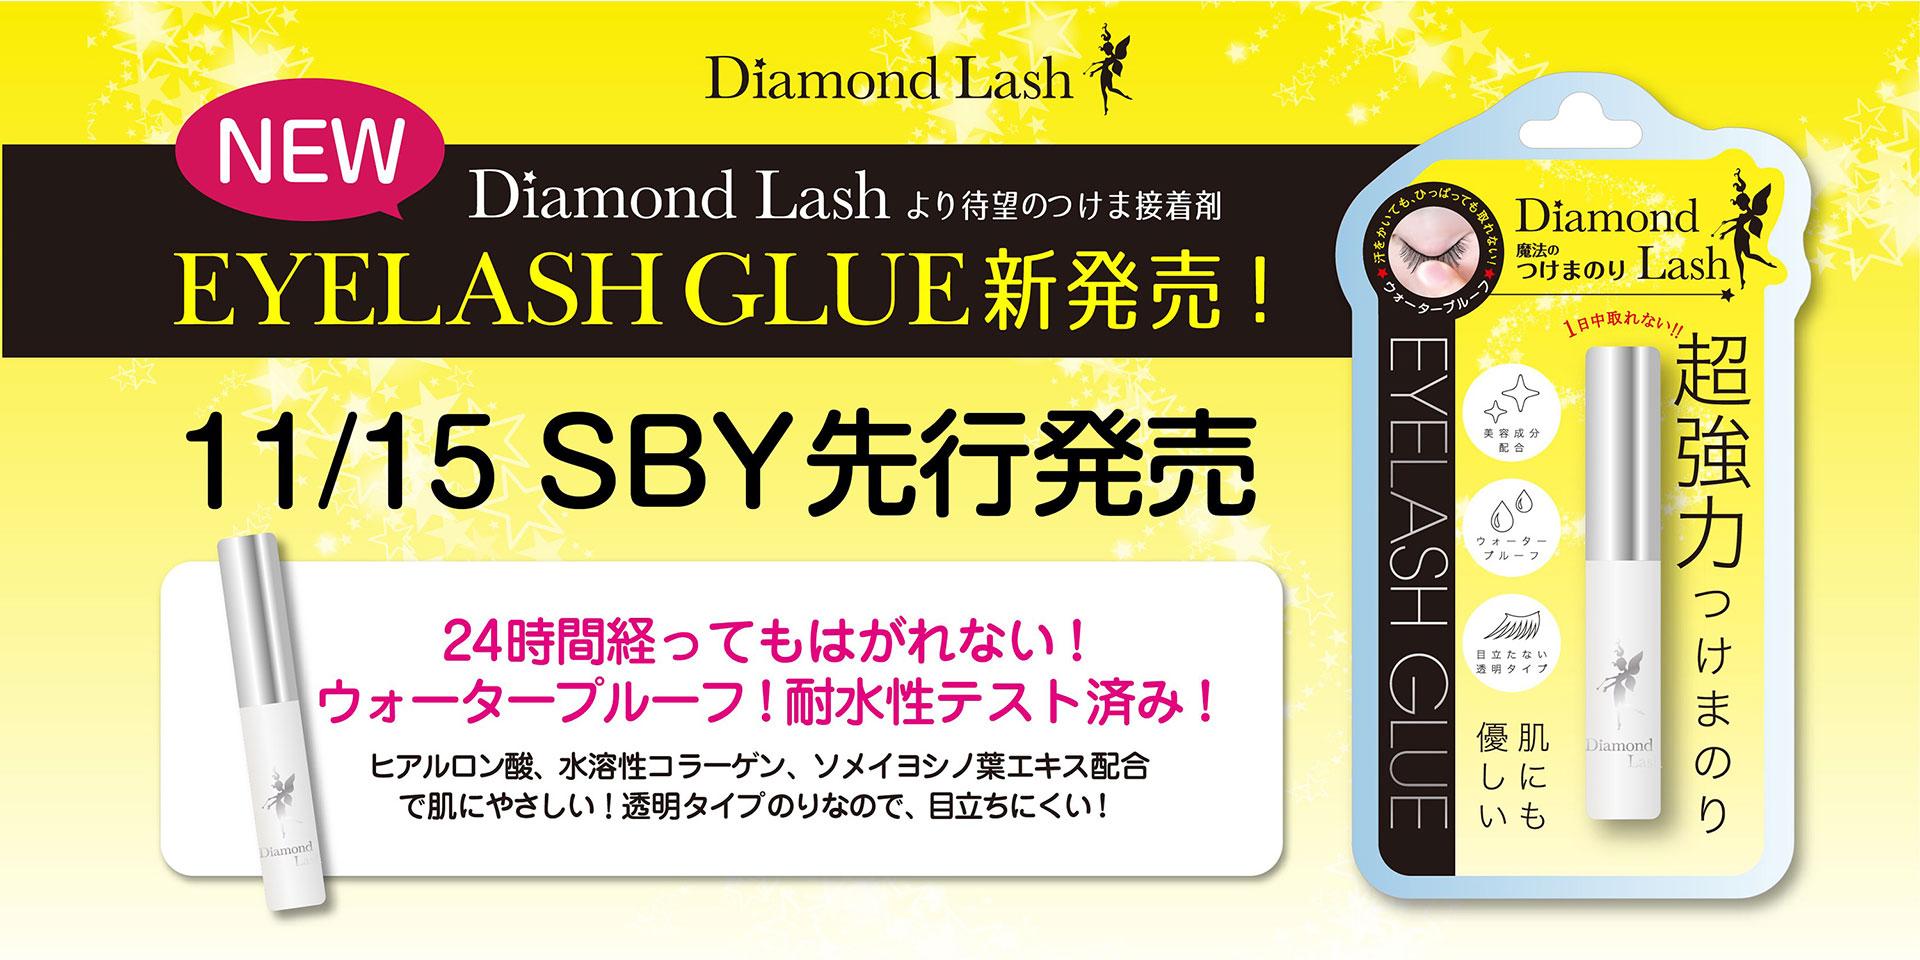 Diamond Lash EYELASH GLUE